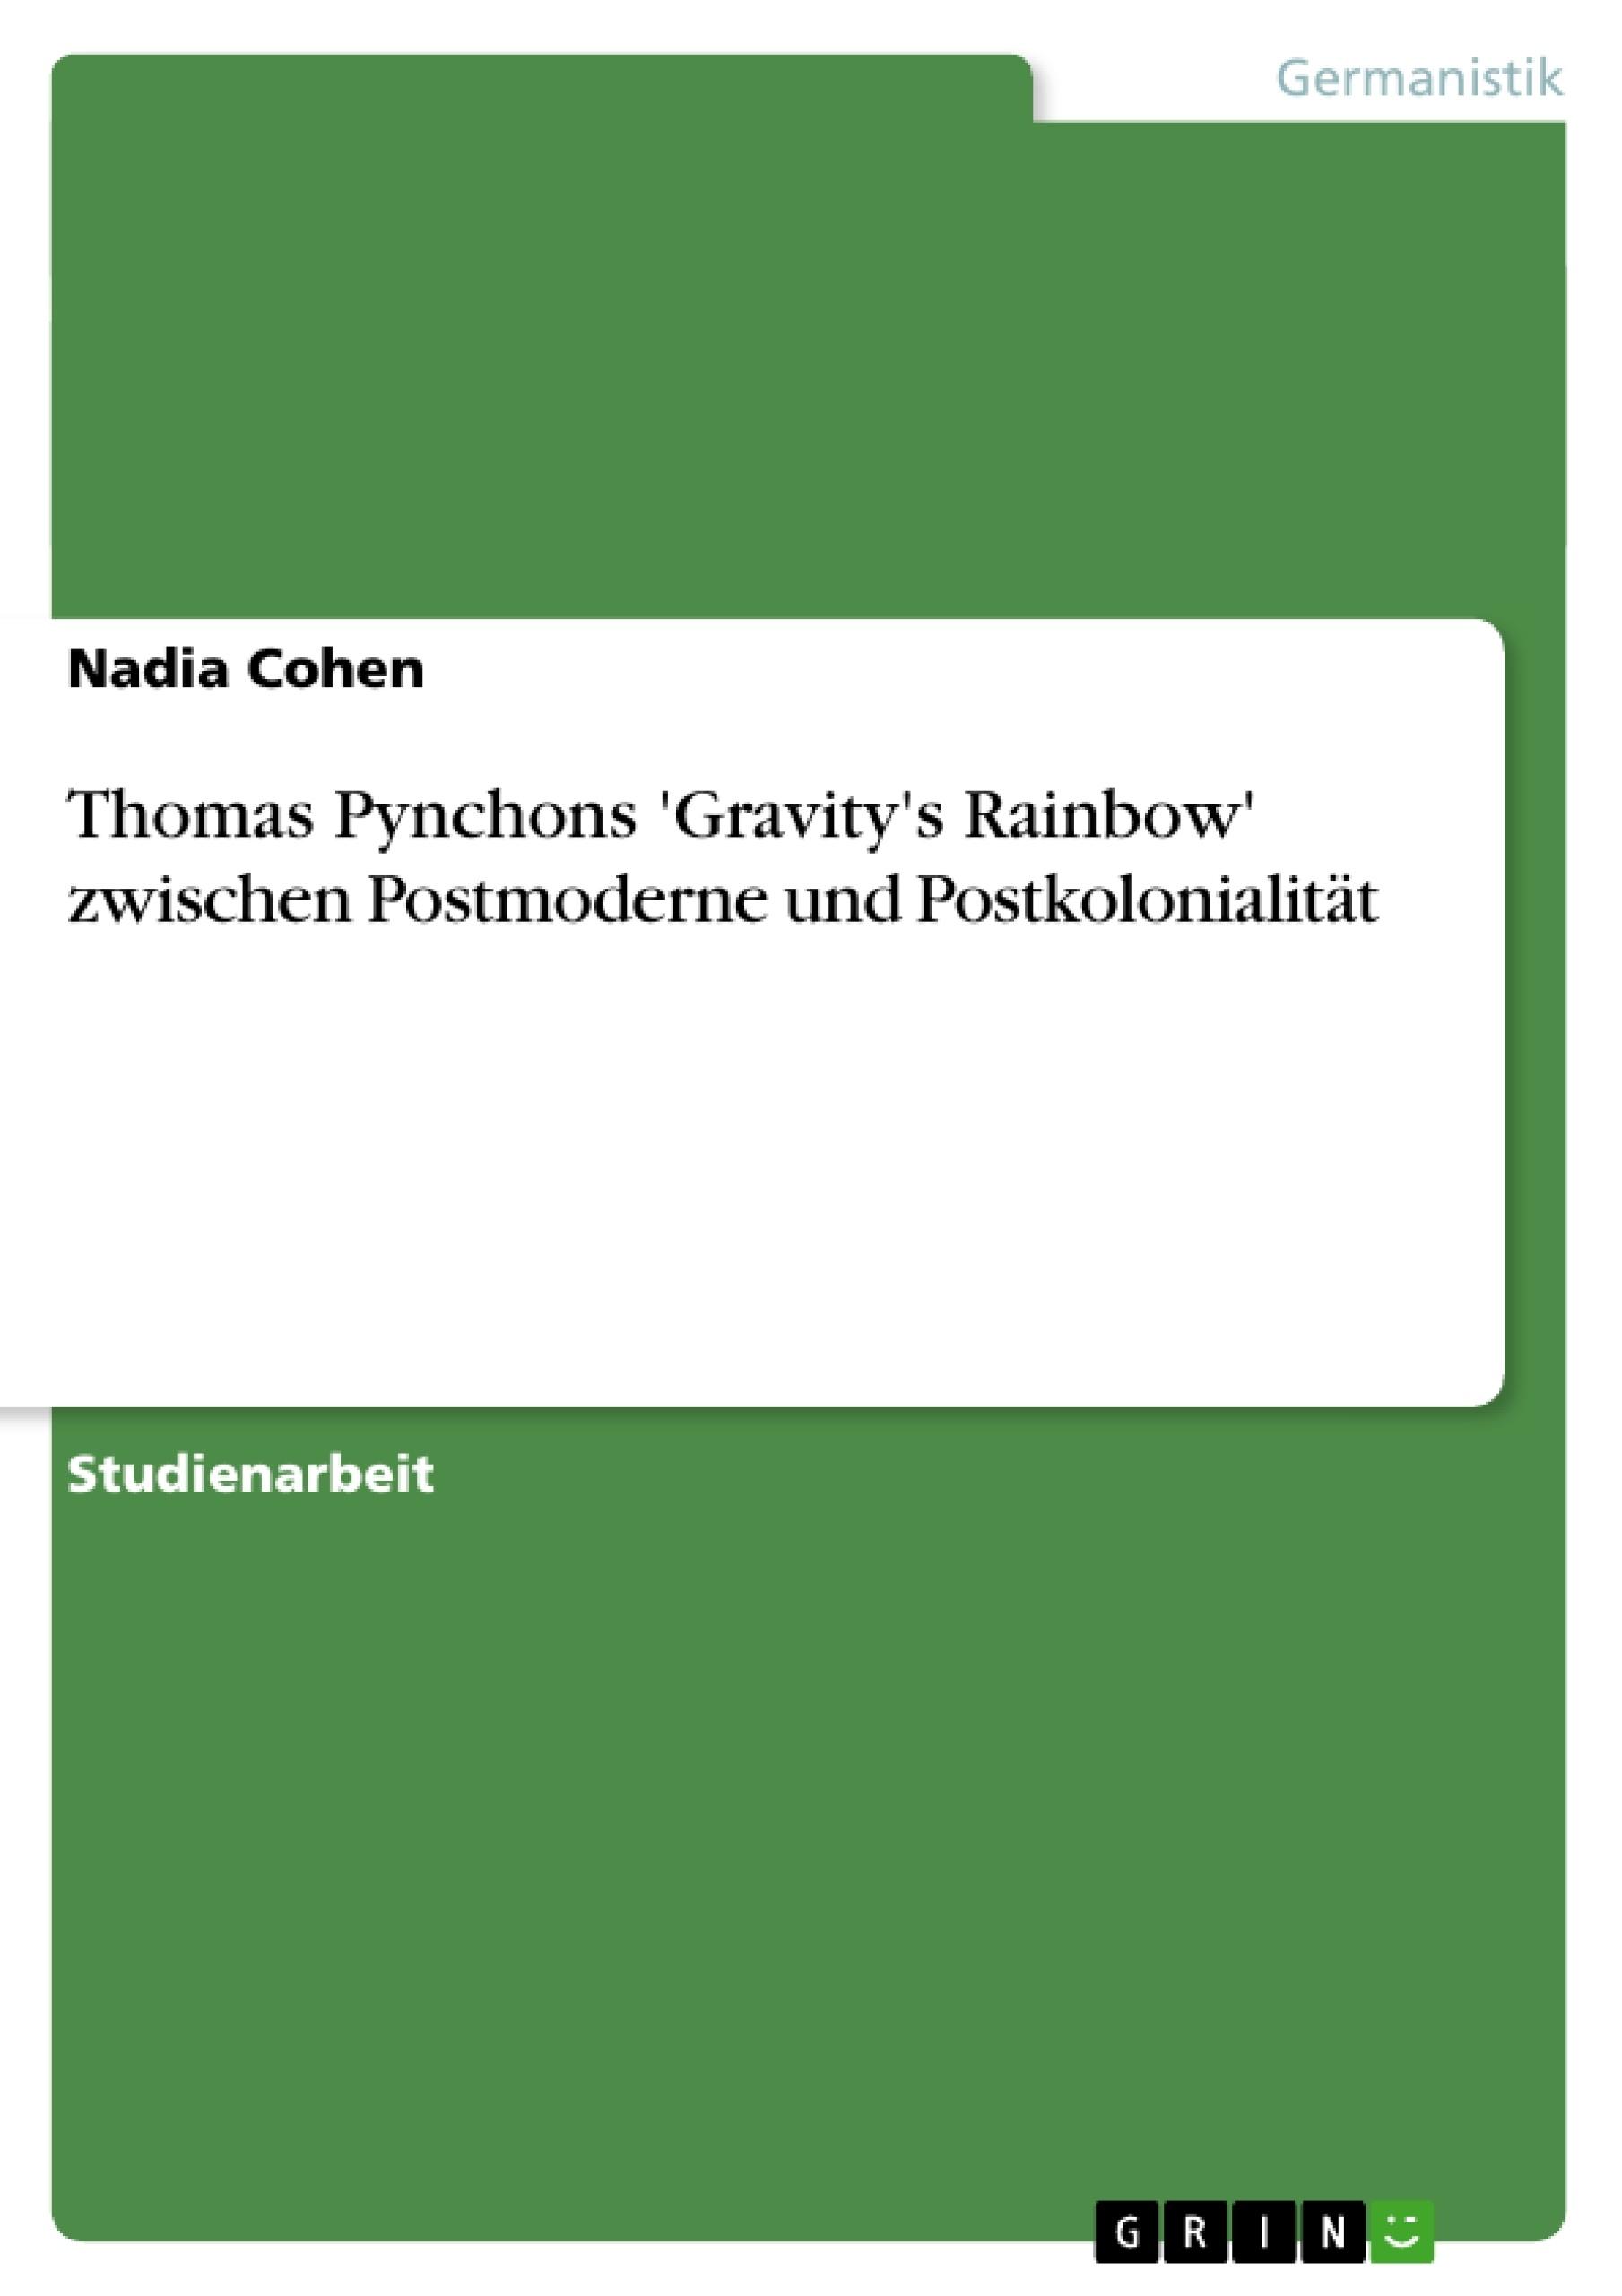 Titel: Thomas Pynchons 'Gravity's Rainbow' zwischen Postmoderne und Postkolonialität